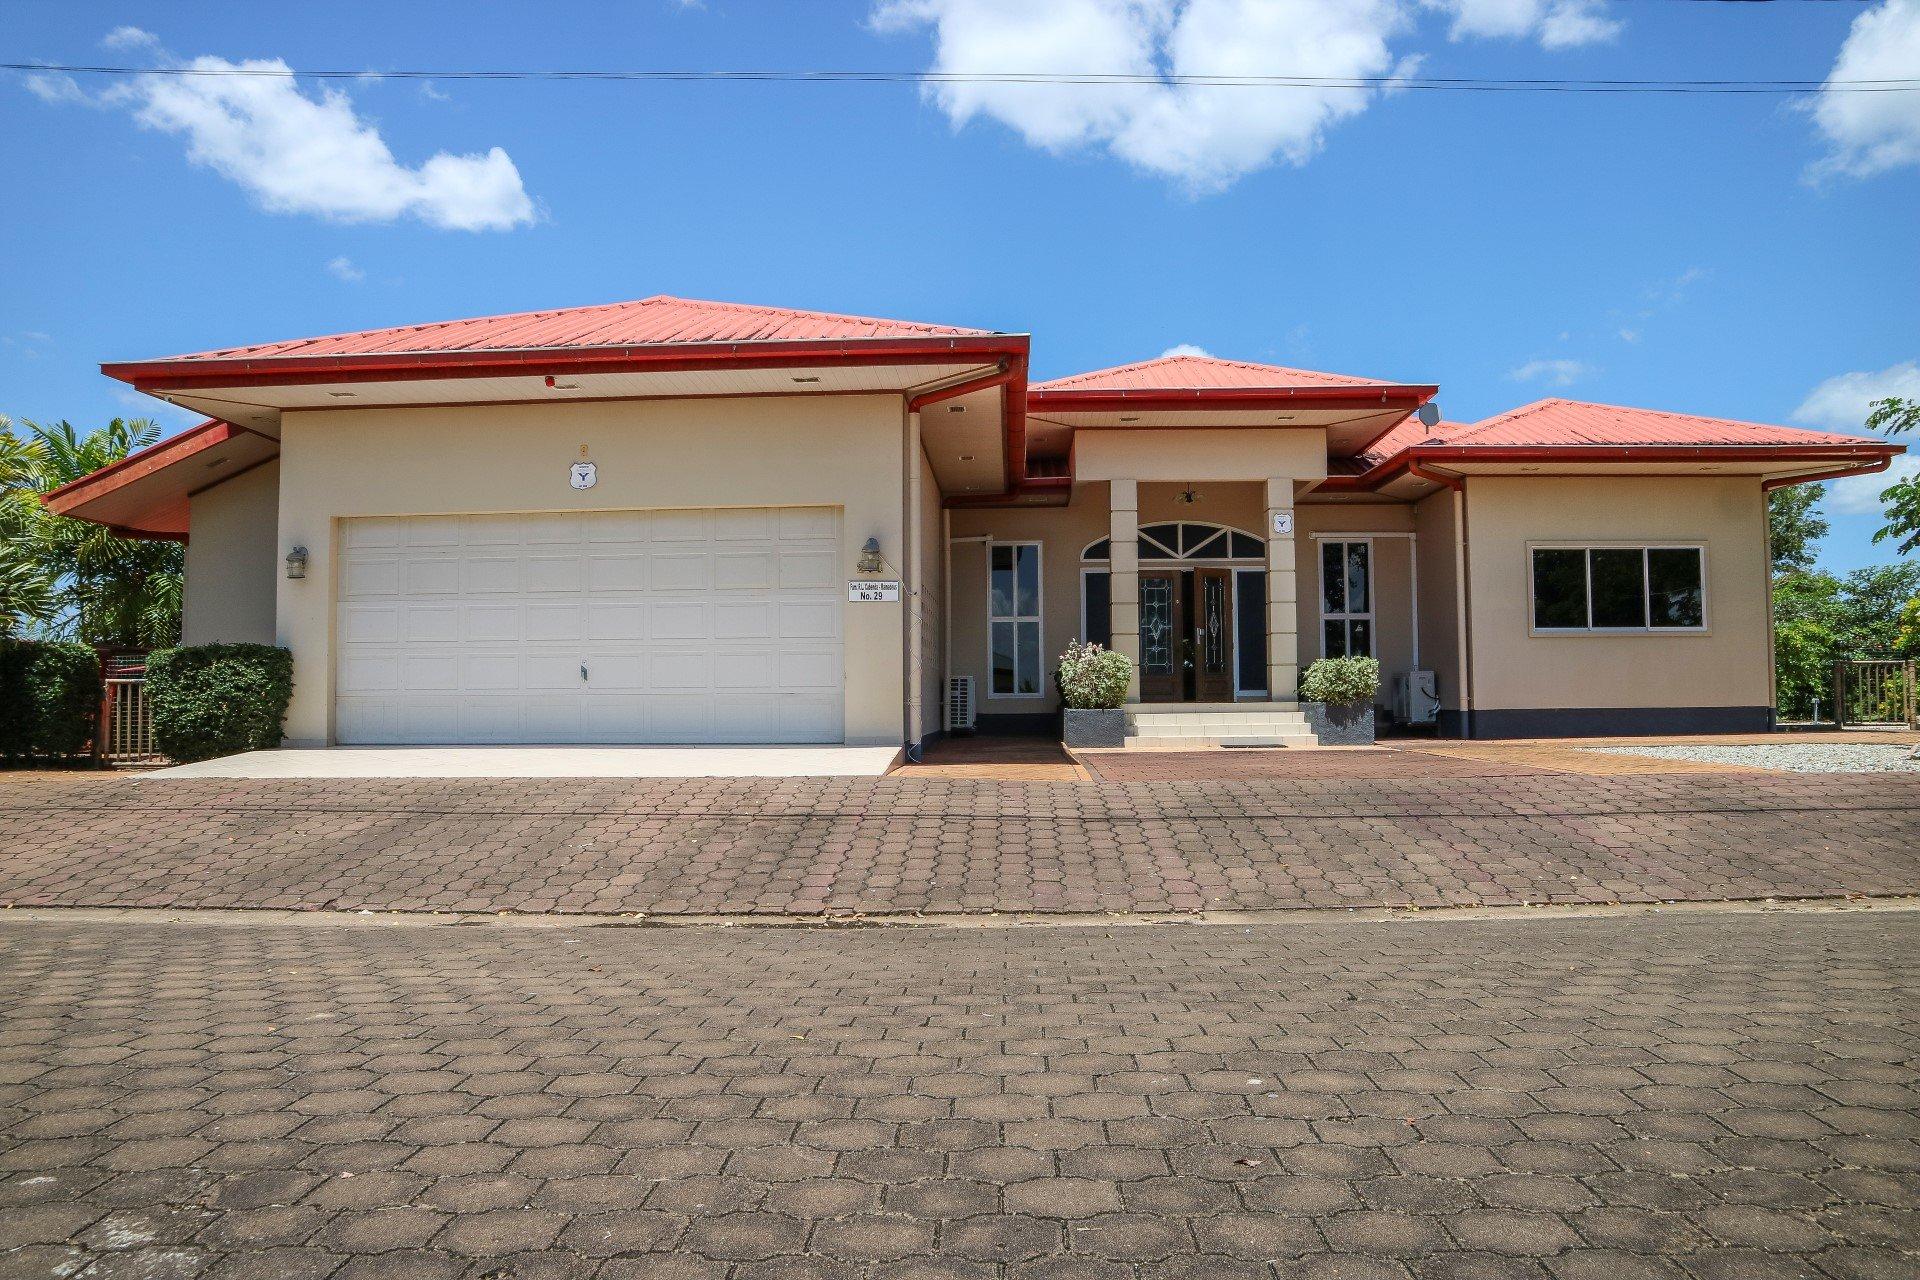 Palm Village 29 - Prachtige woning langs het water. - Surgoed Makelaardij NV - Paramaribo, Suriname